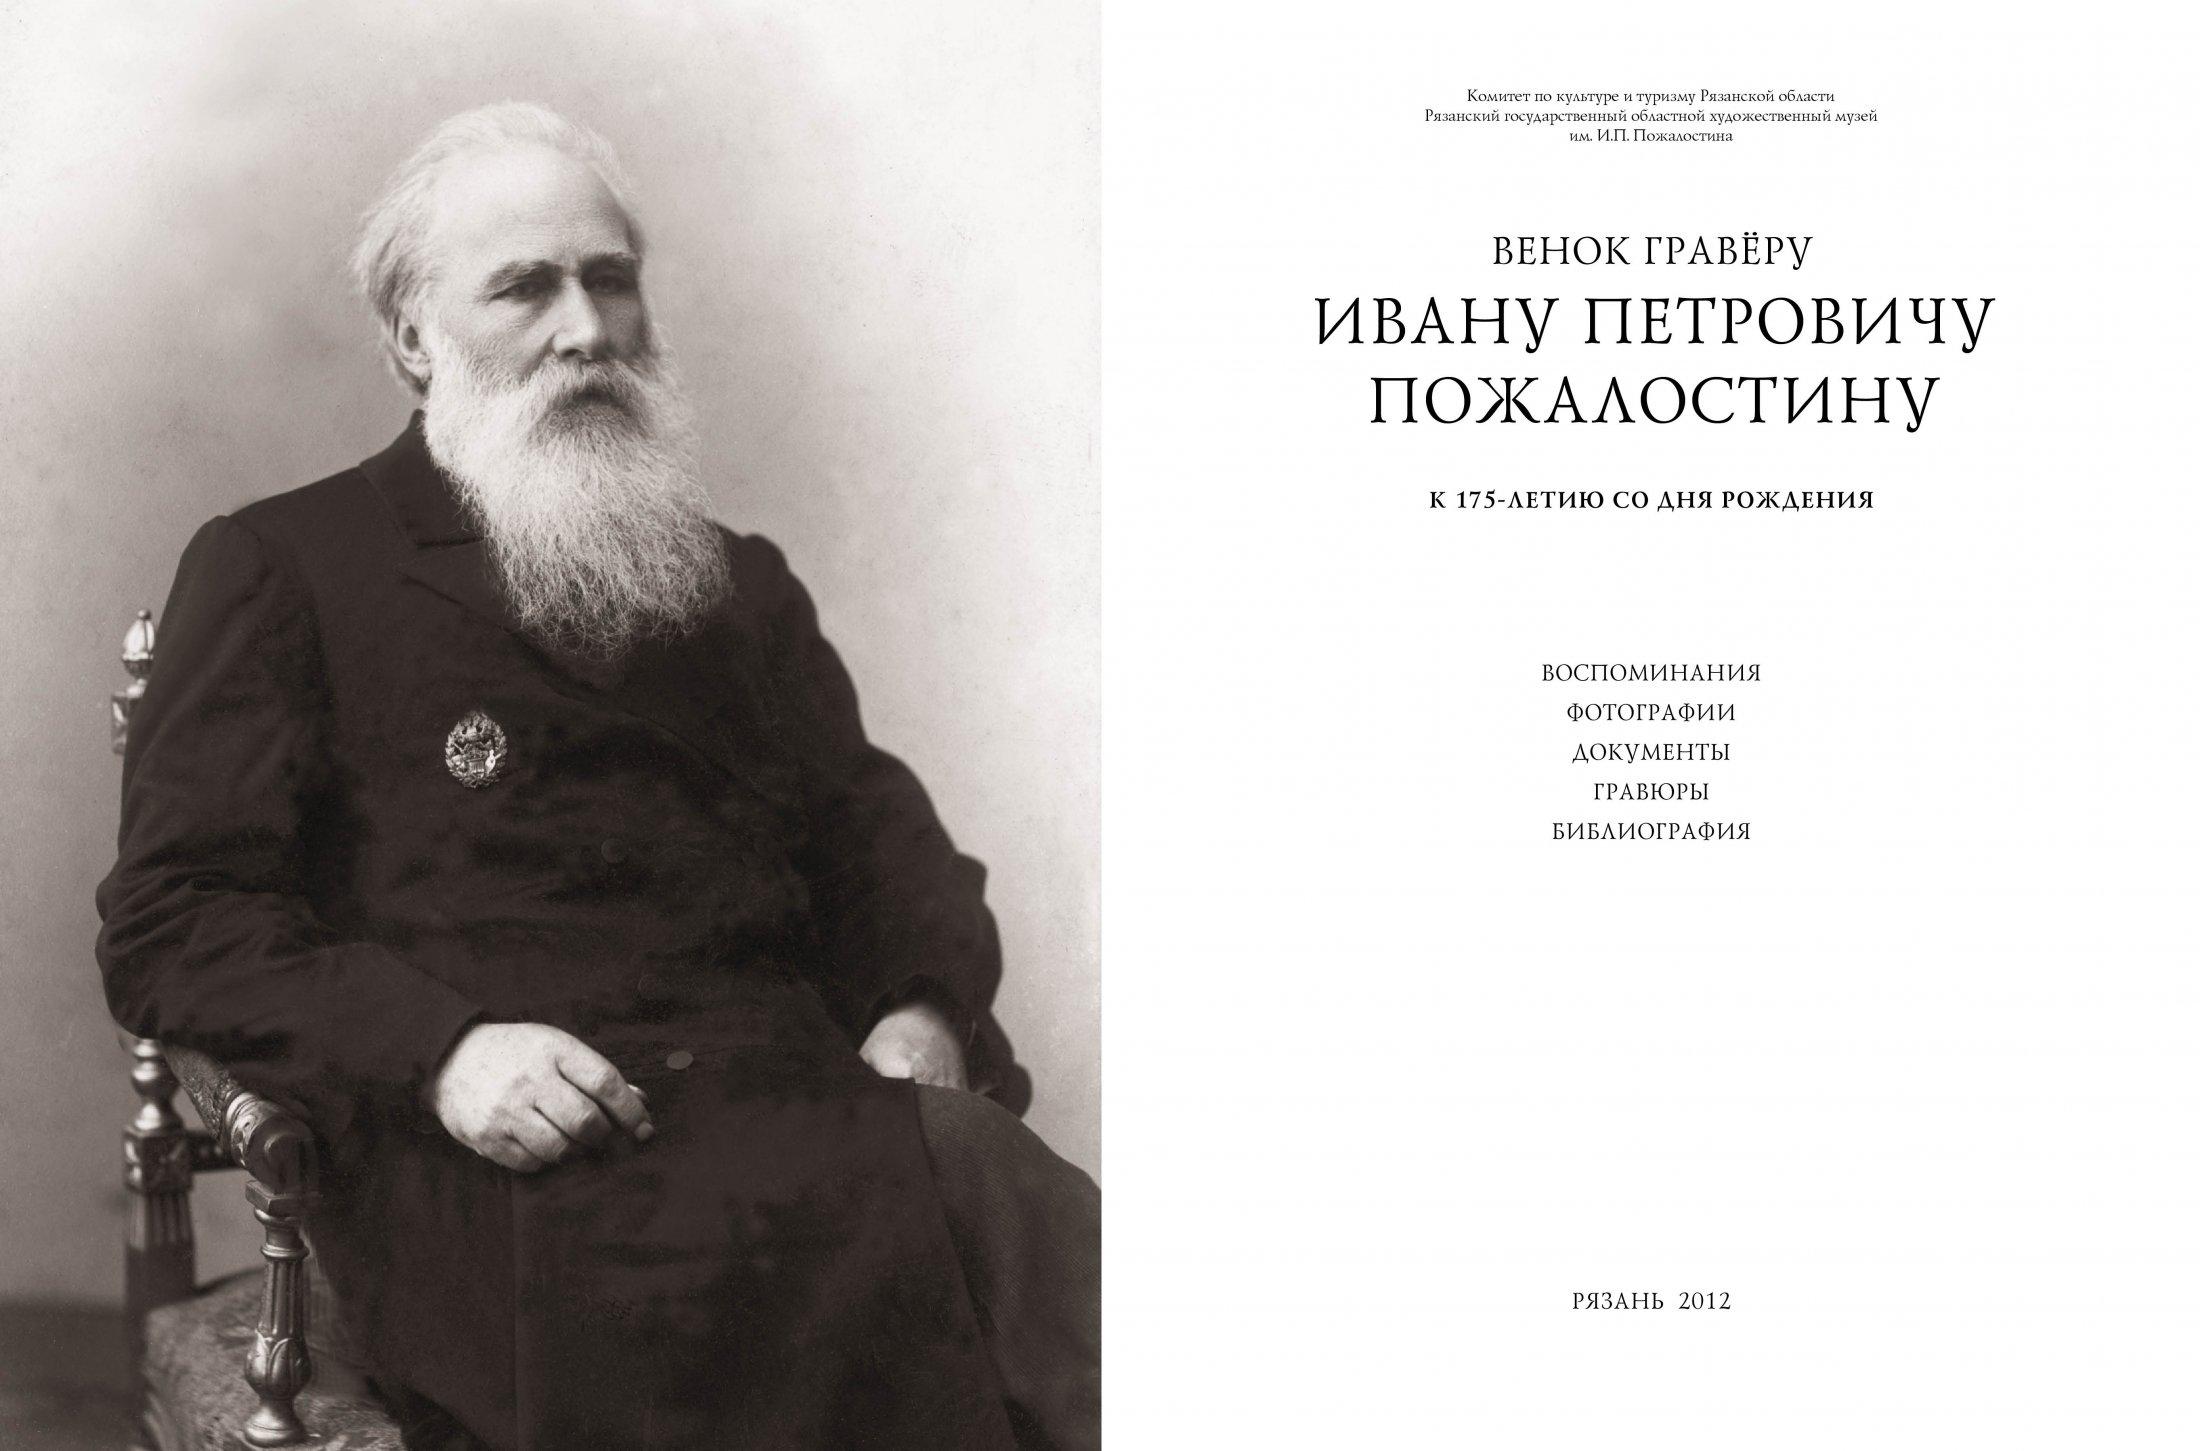 Книга гравёра Пожалостина5